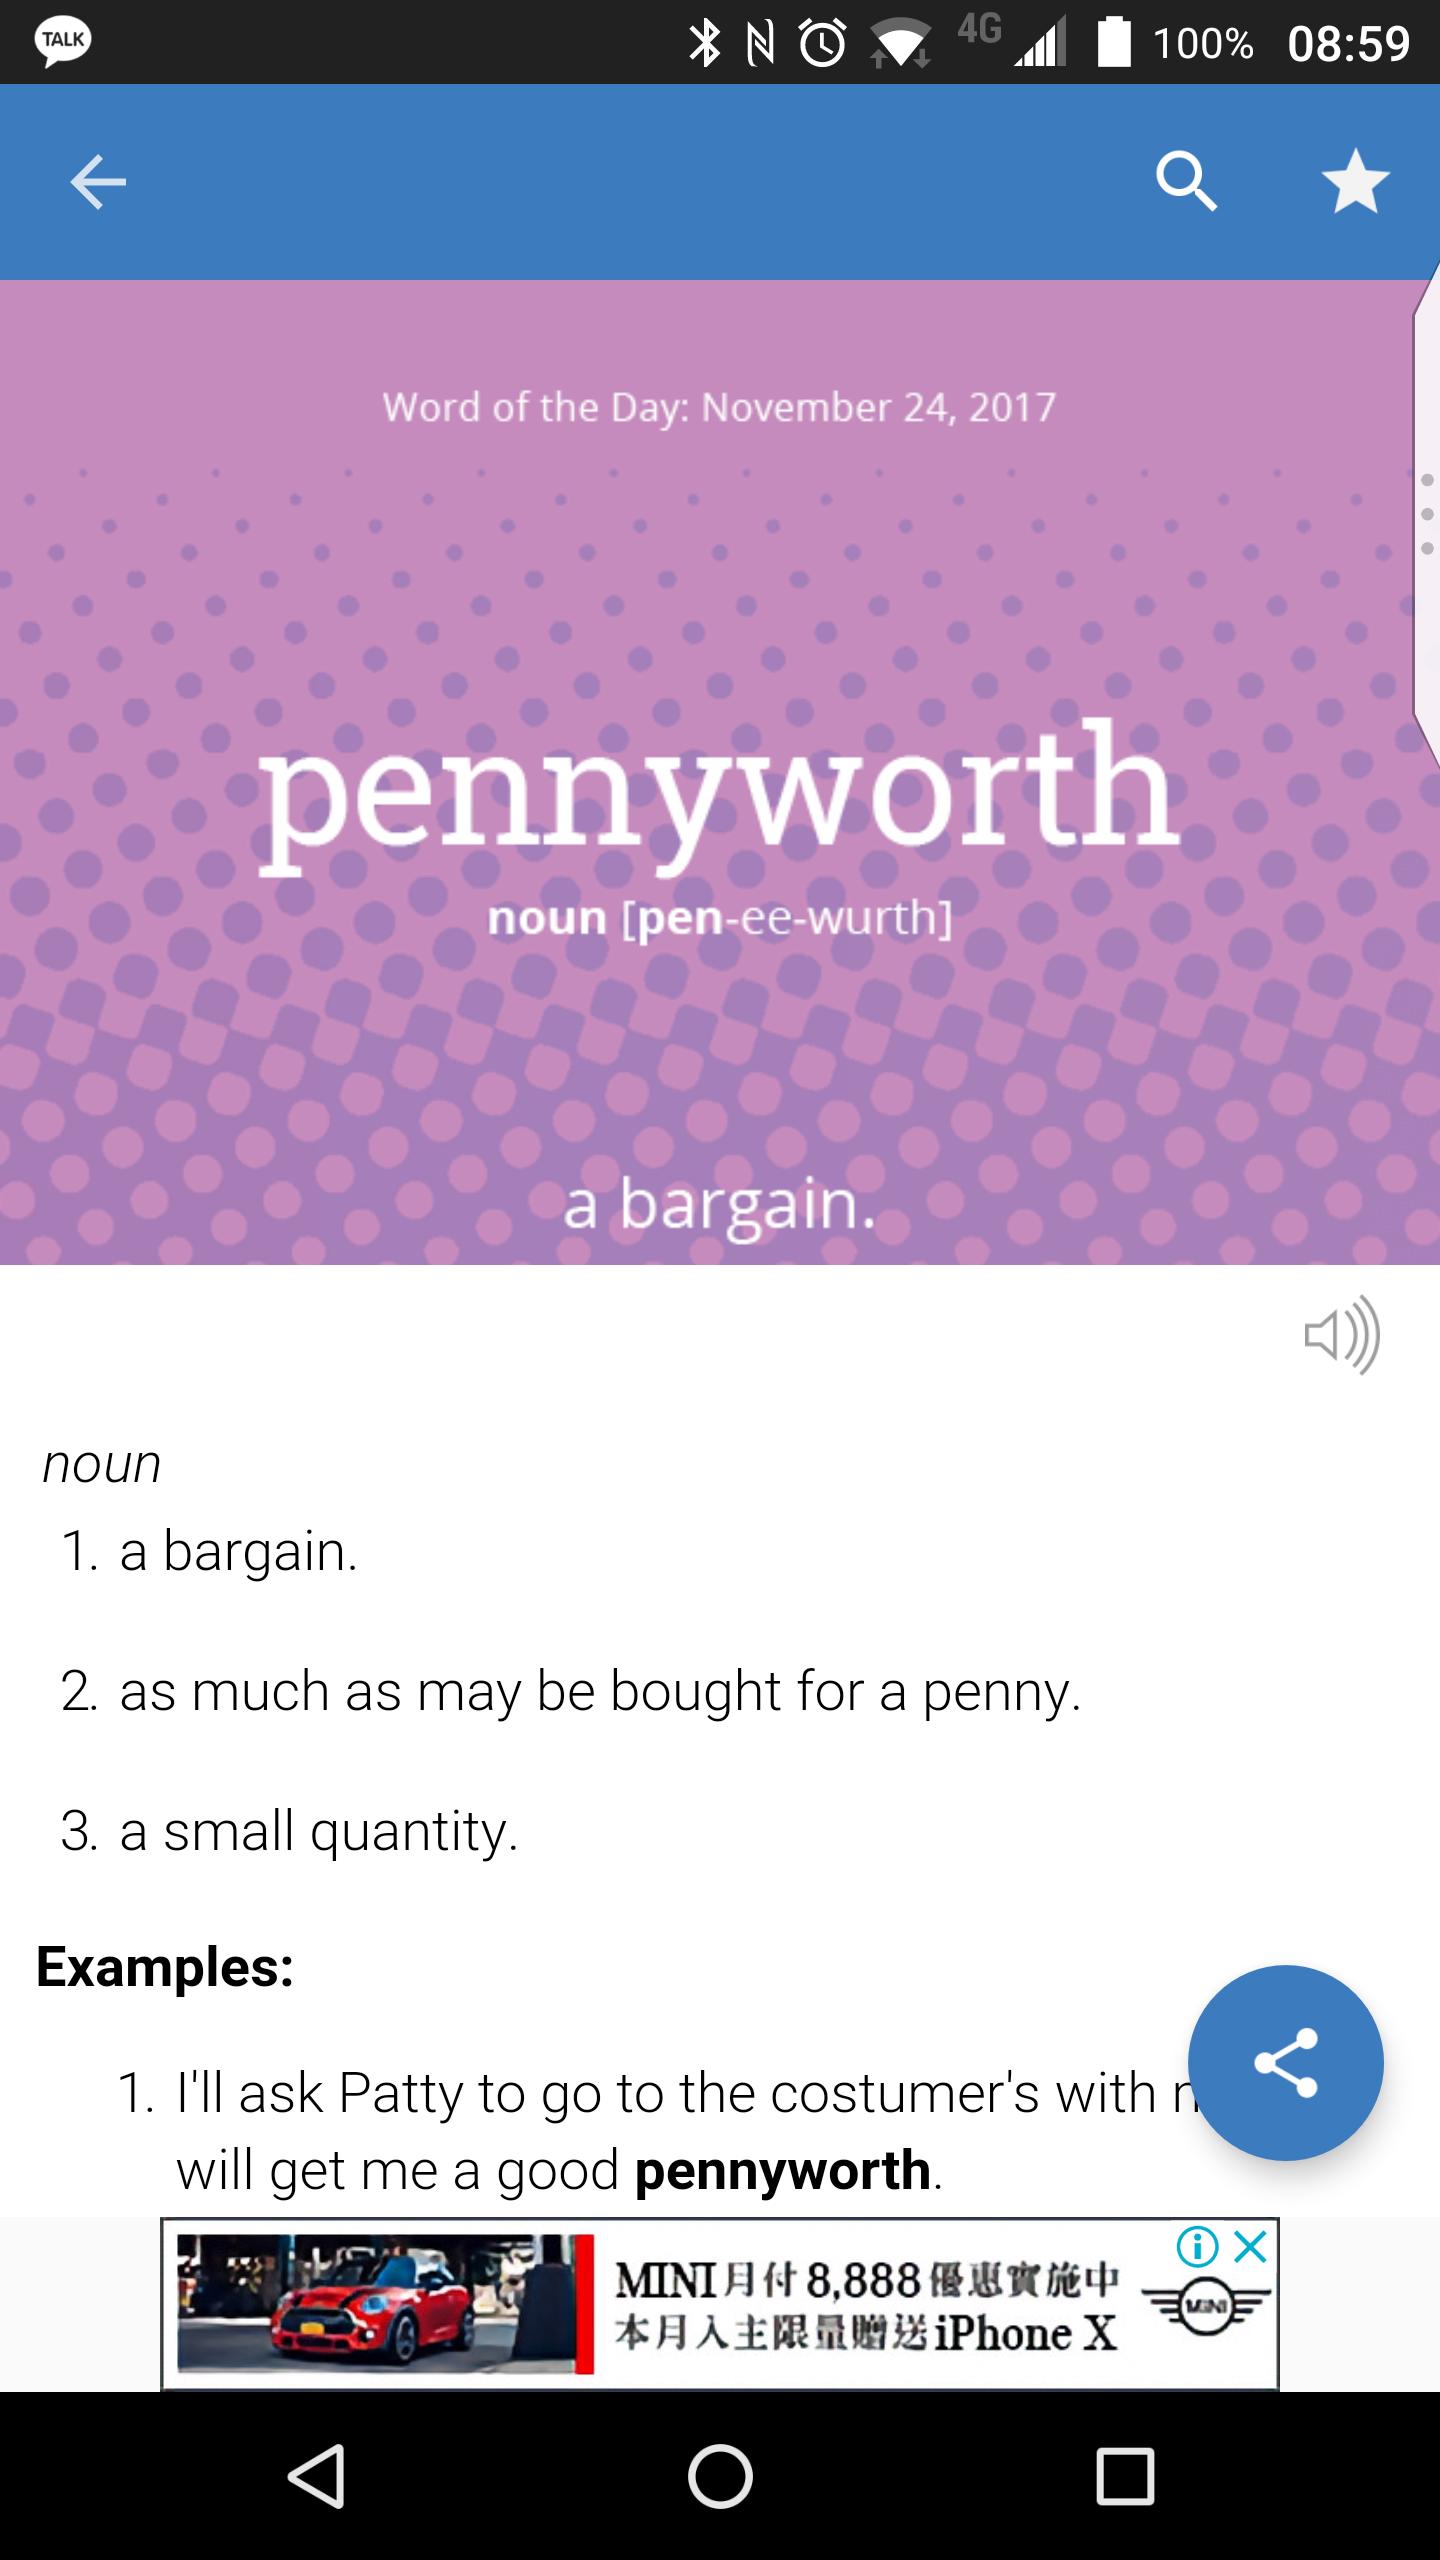 영어 pennyworth에 상응하는 중국어銅板價 라는 단어